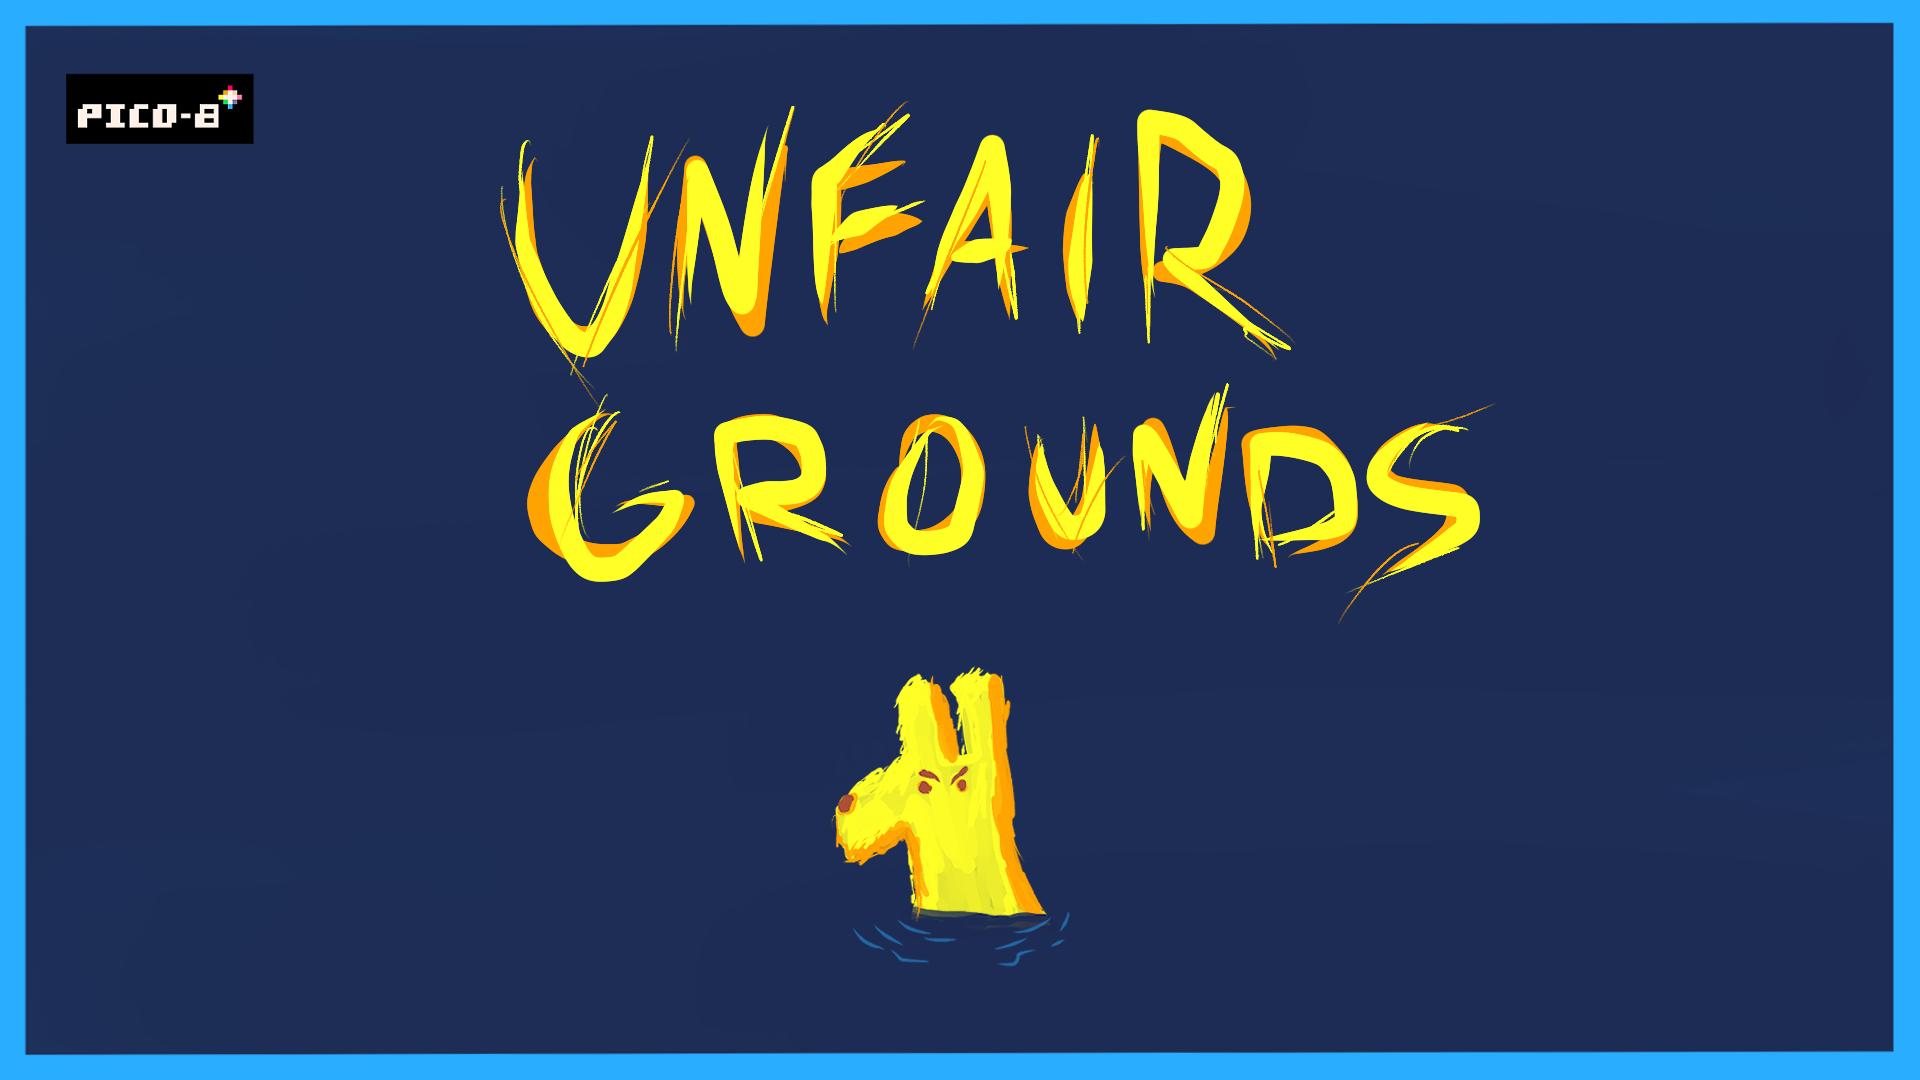 Unfair grounds